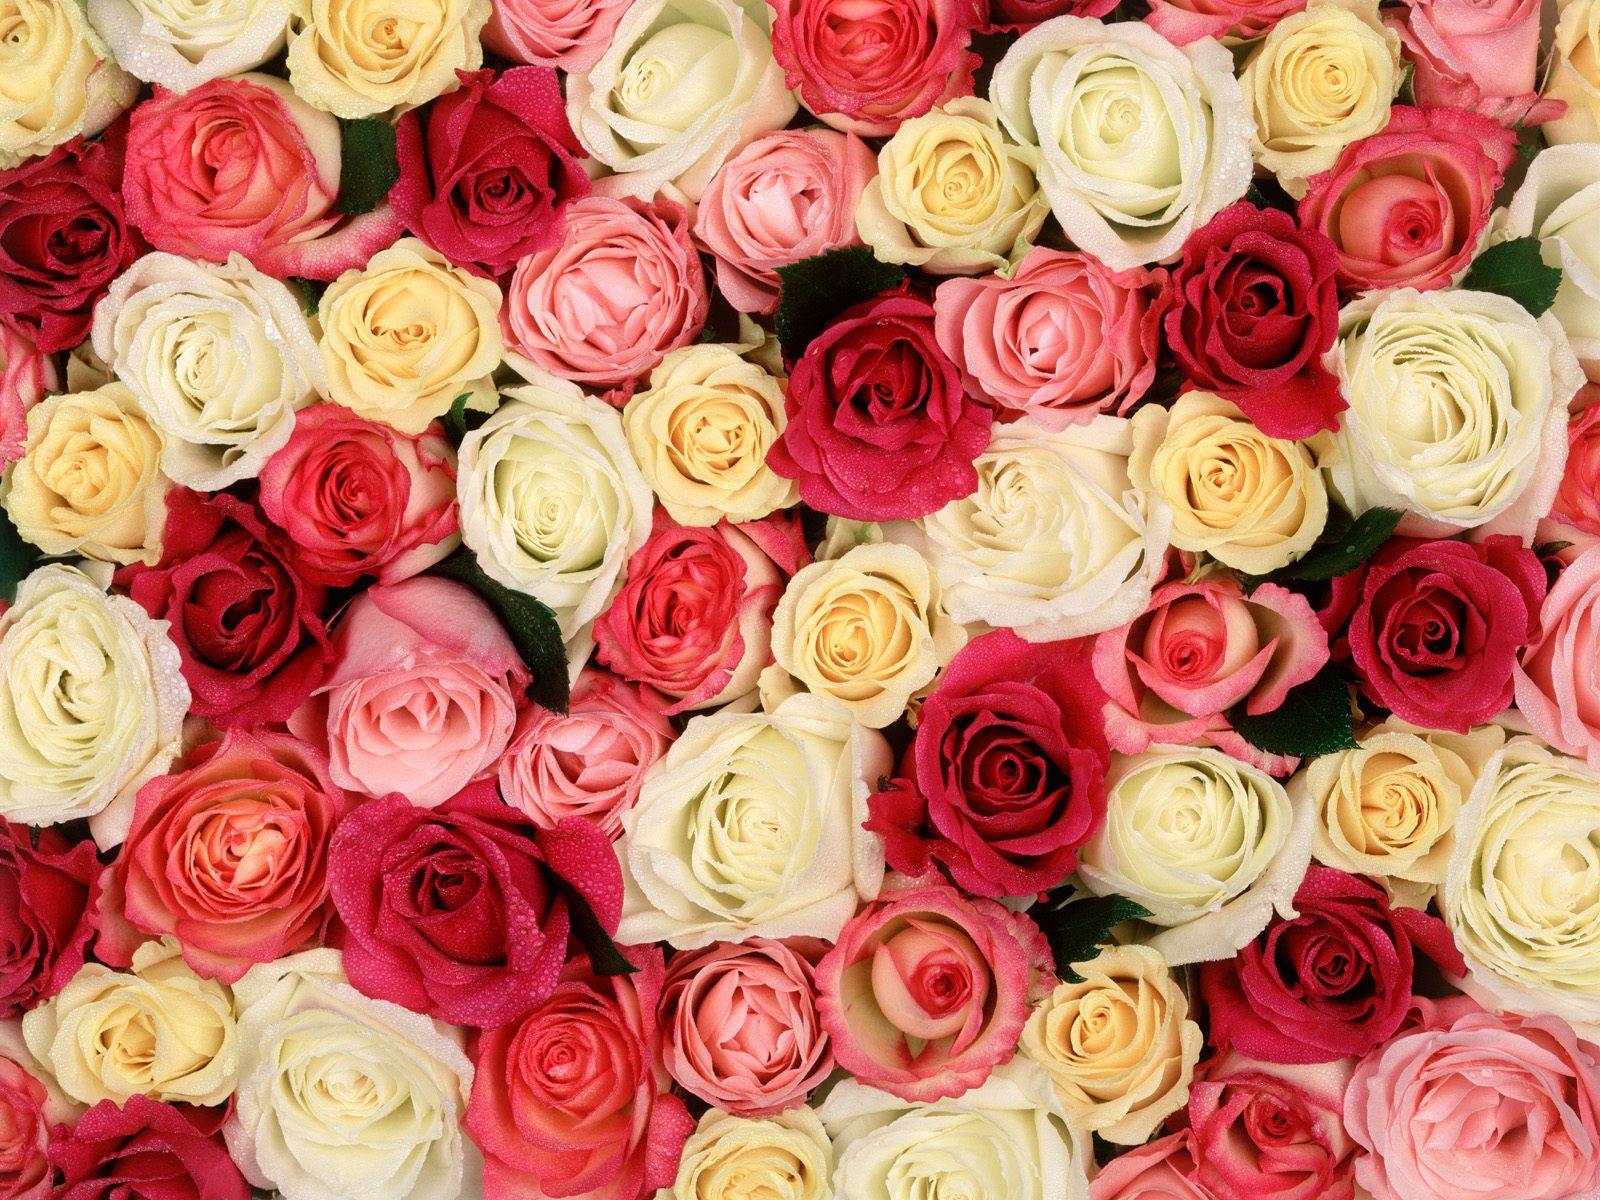 Троянди, троянди, троянди, троянди листівка фото привітання малюнок картинка